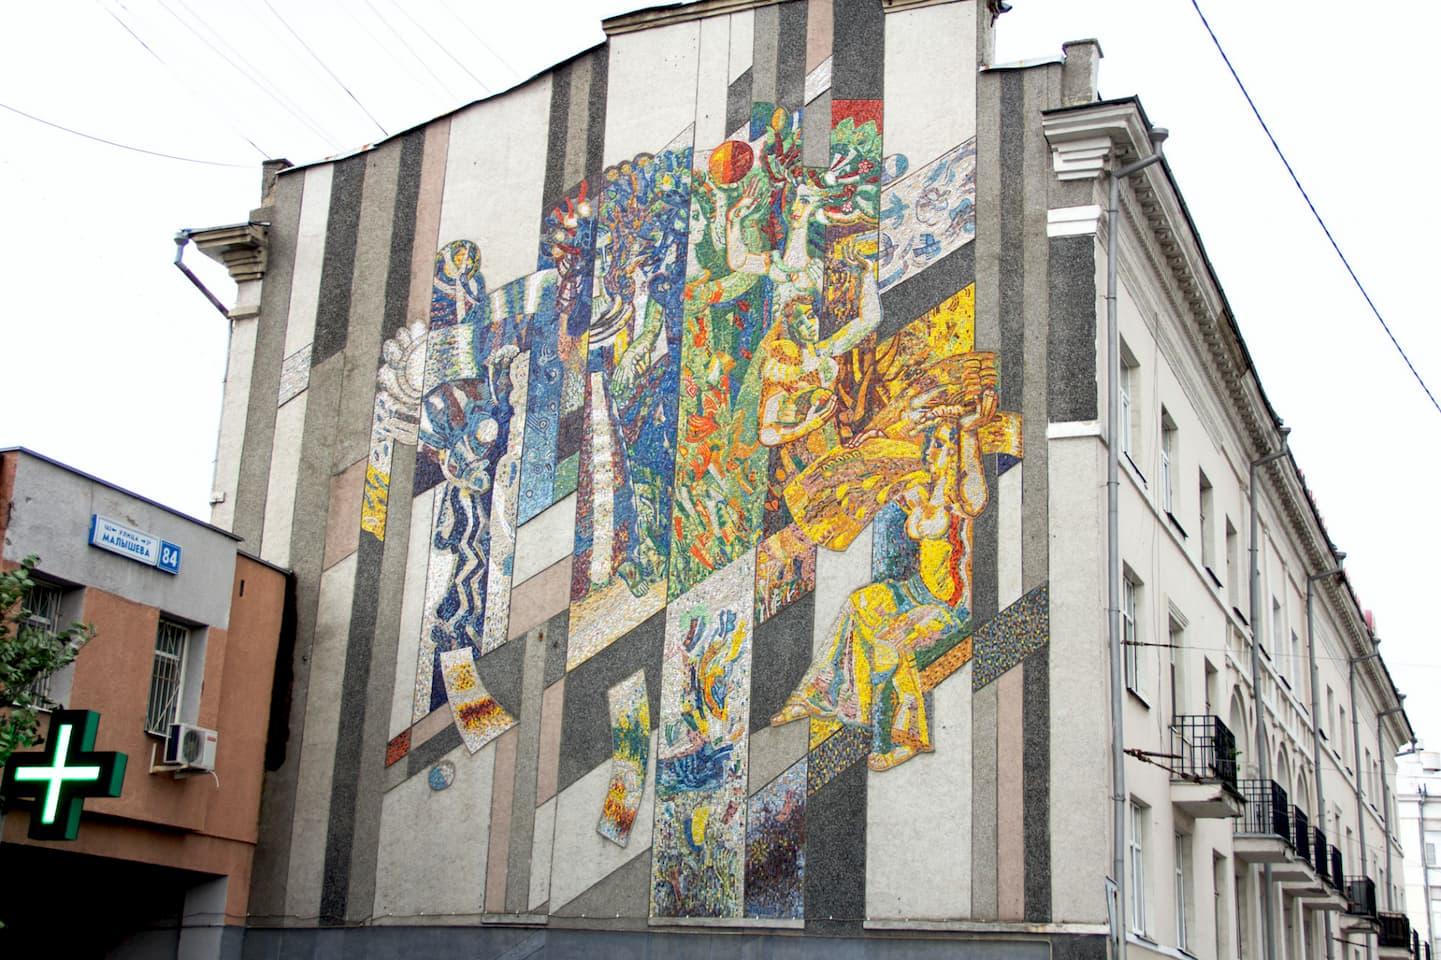 Мозаика «Времена года» Германа Метелёва